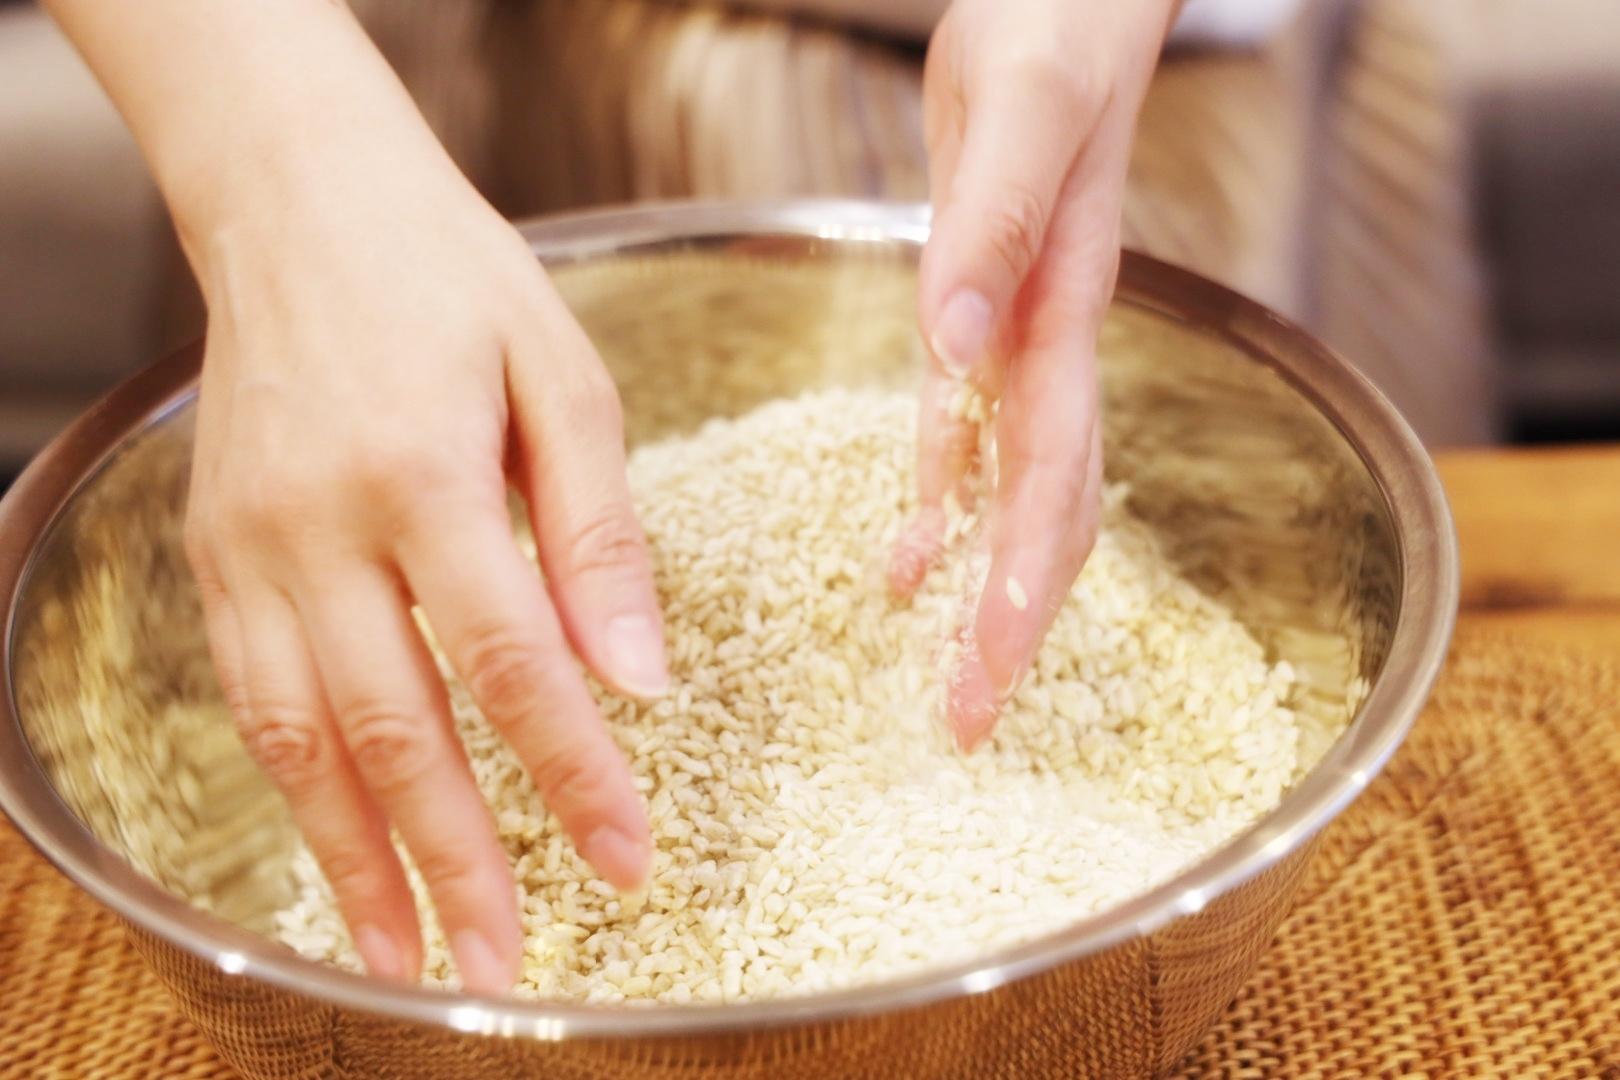 備蓄や保存に最適!免疫力を高める最強の発酵食品「味噌」を、ジップロックで手軽に作っちゃおう♪_1_4-1